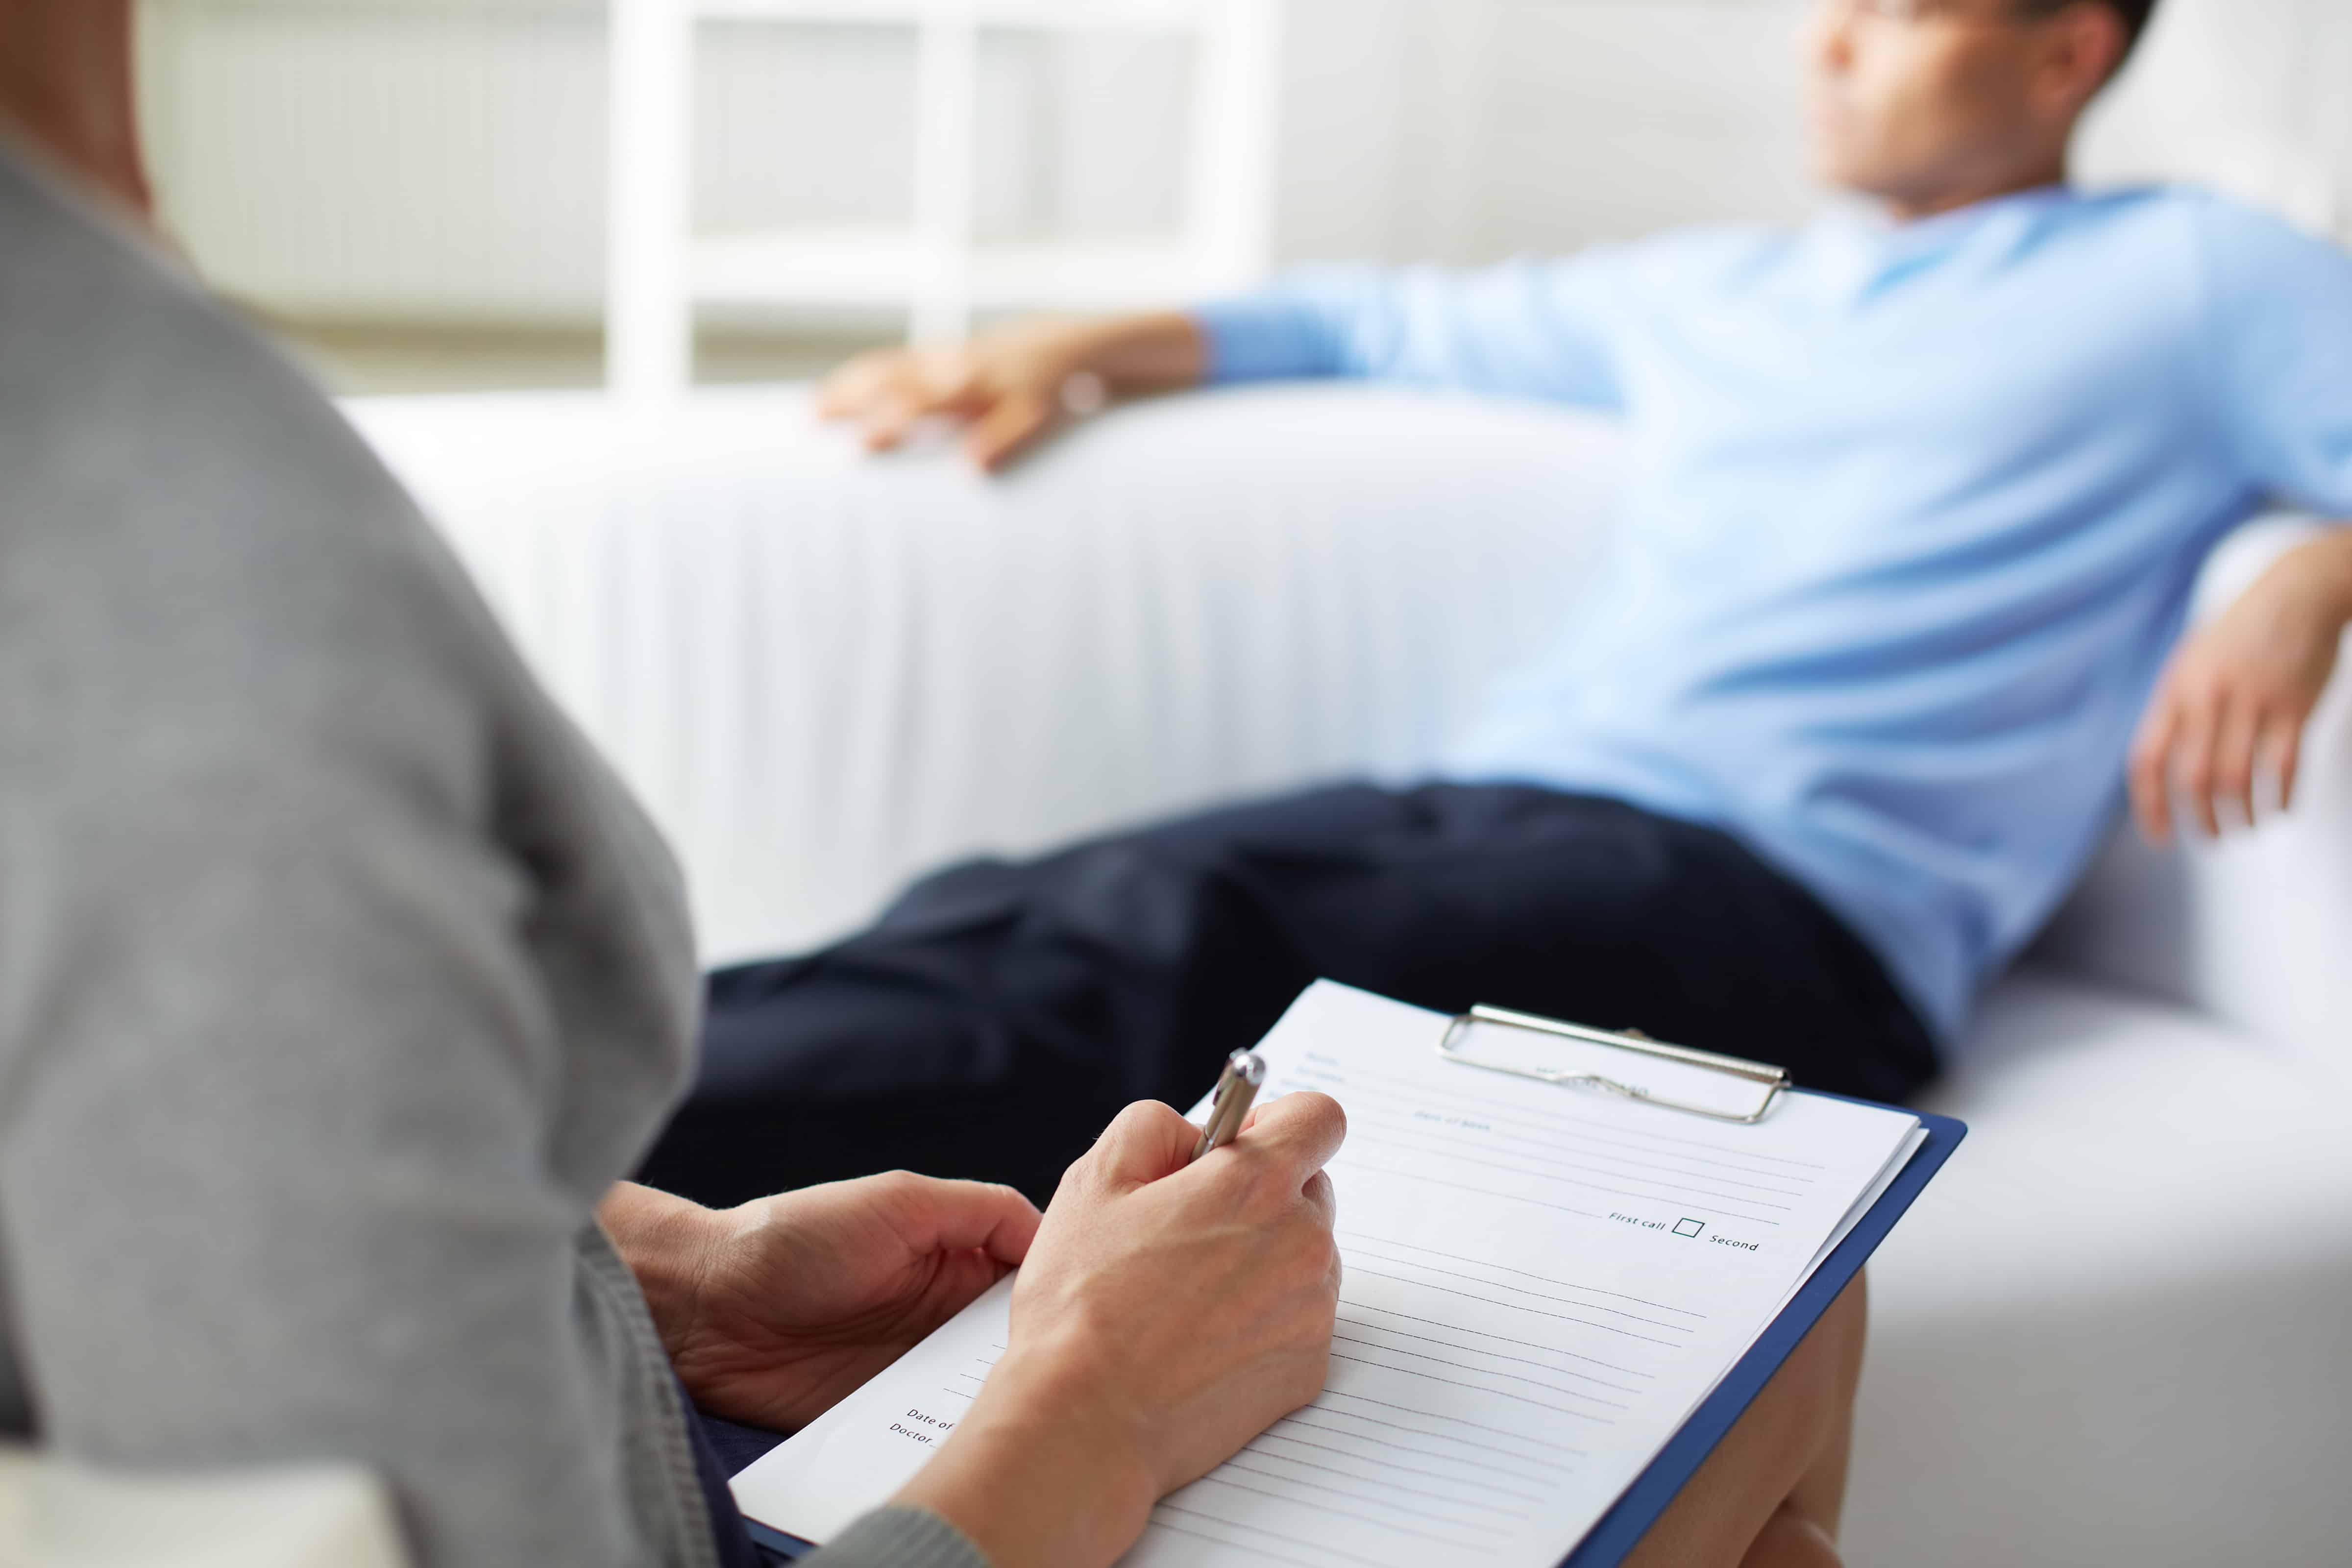 La importancia de no retrasar en el tiempo nuestra terapia psicológica